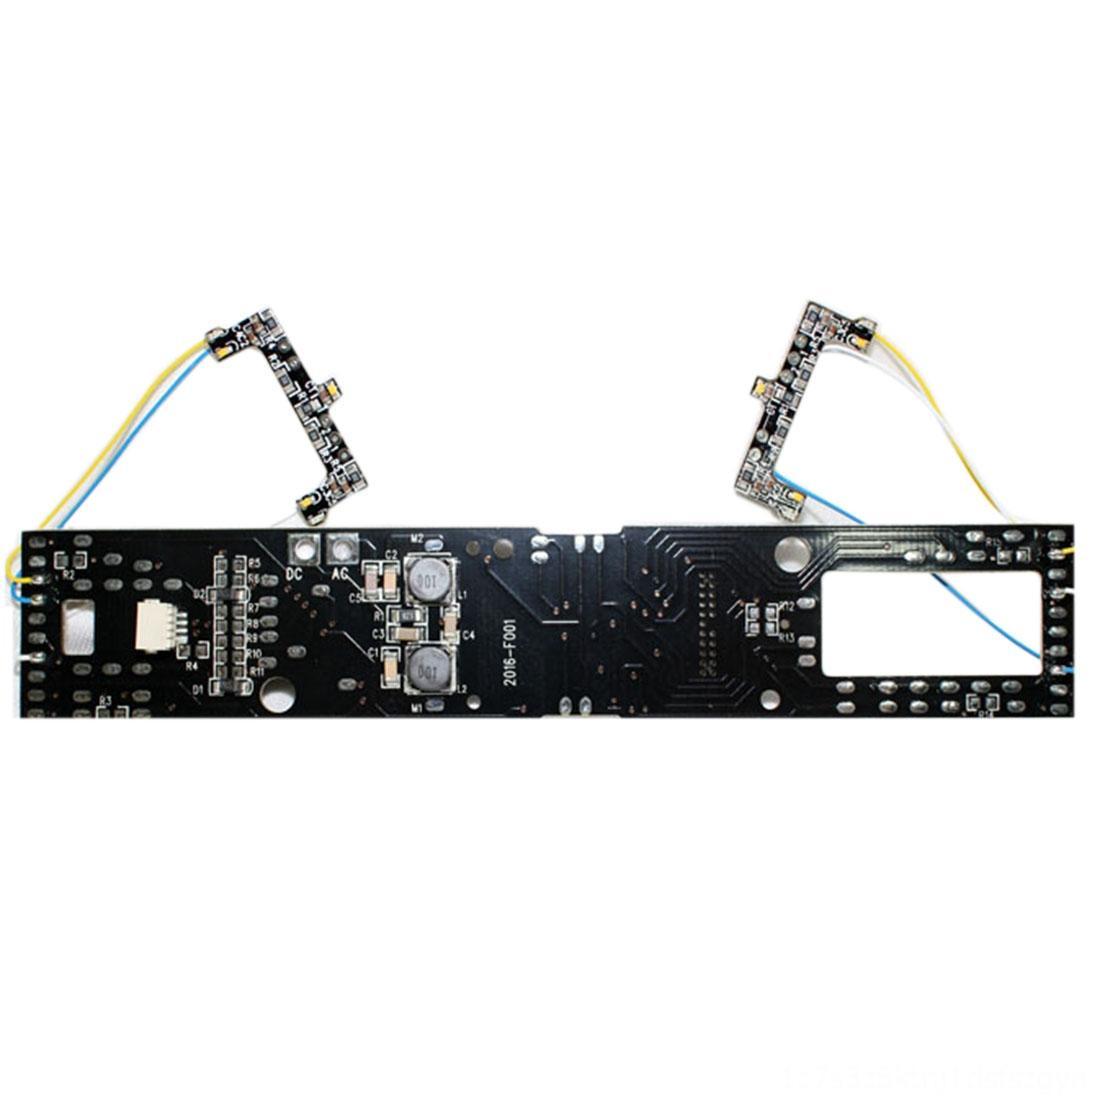 HO 1:87 Maßstab Bausätze Blöcke Modellbau Zug-Modell PCB-Leiterplatte mit Birnen-Licht-Ton für Sand Tabelle